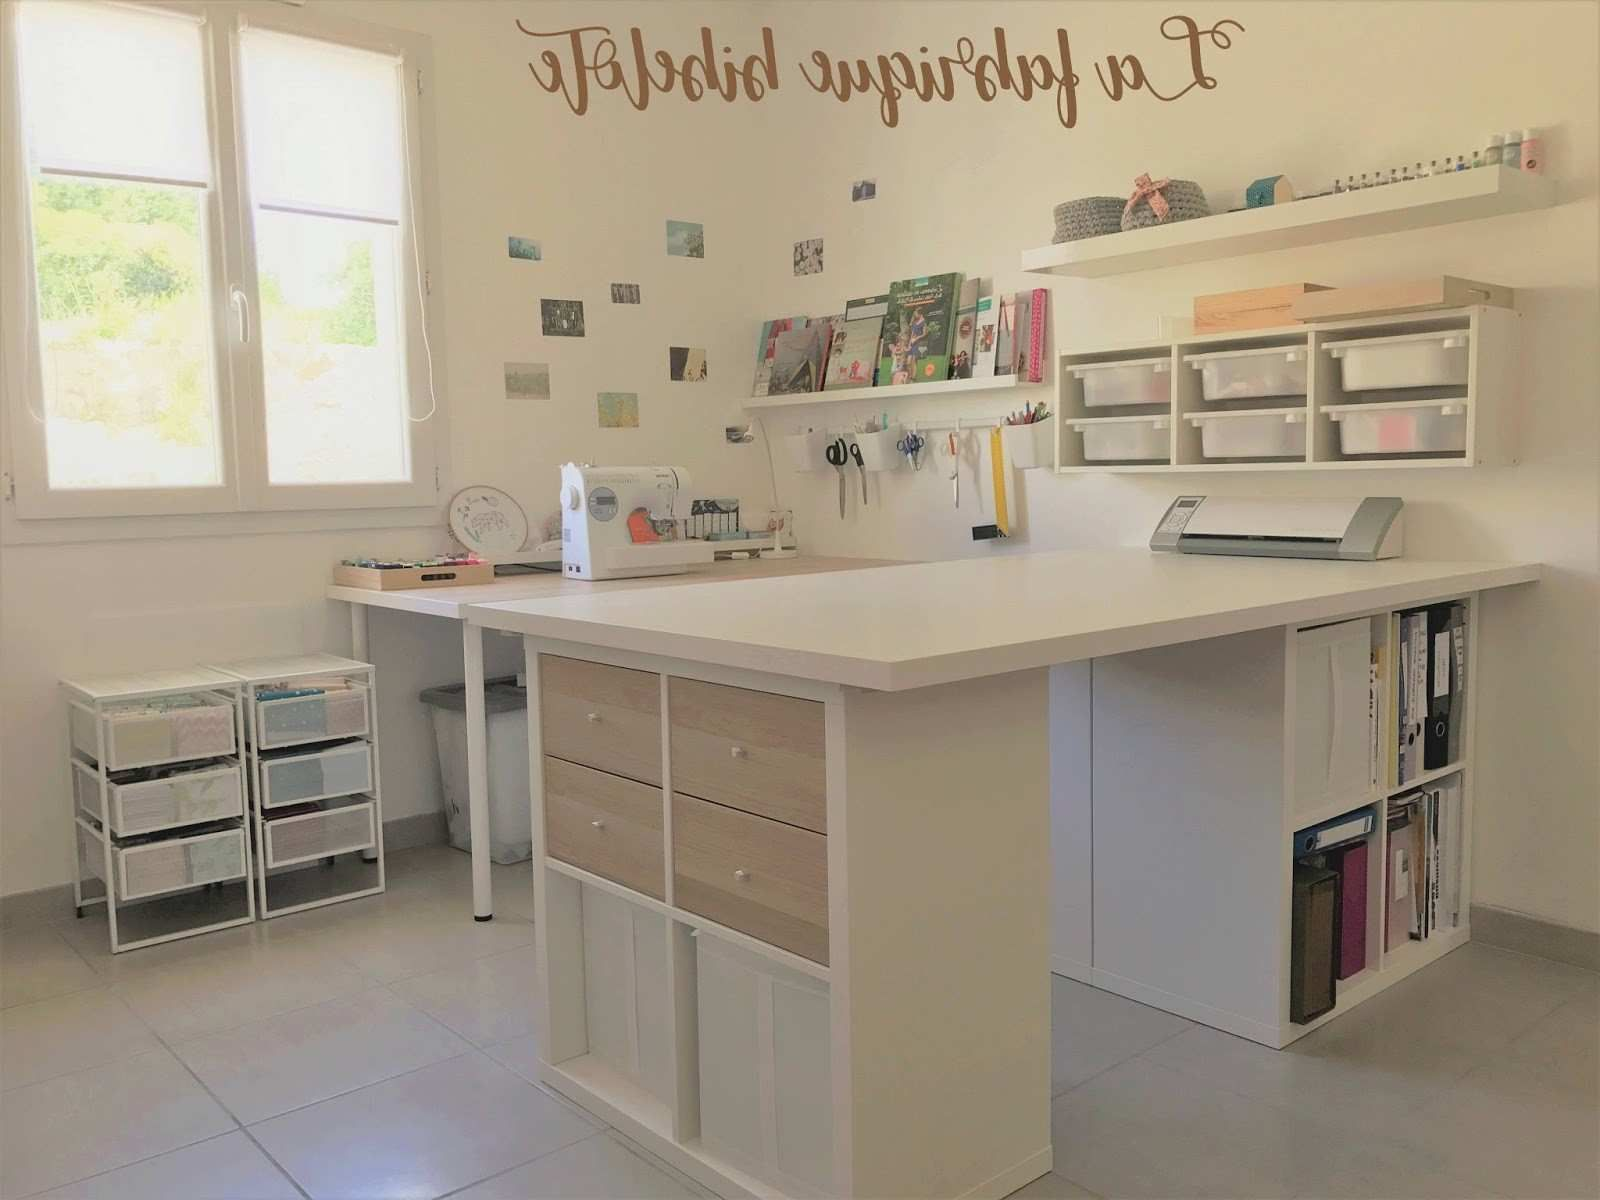 Un jour un DIY BLA BLA 4 L aménagement de mon atelier couture #ateliercoutureamenagement Un jour un DIY BLA BLA 4 L aménagement de mon atelier couture #ateliercoutureamenagement